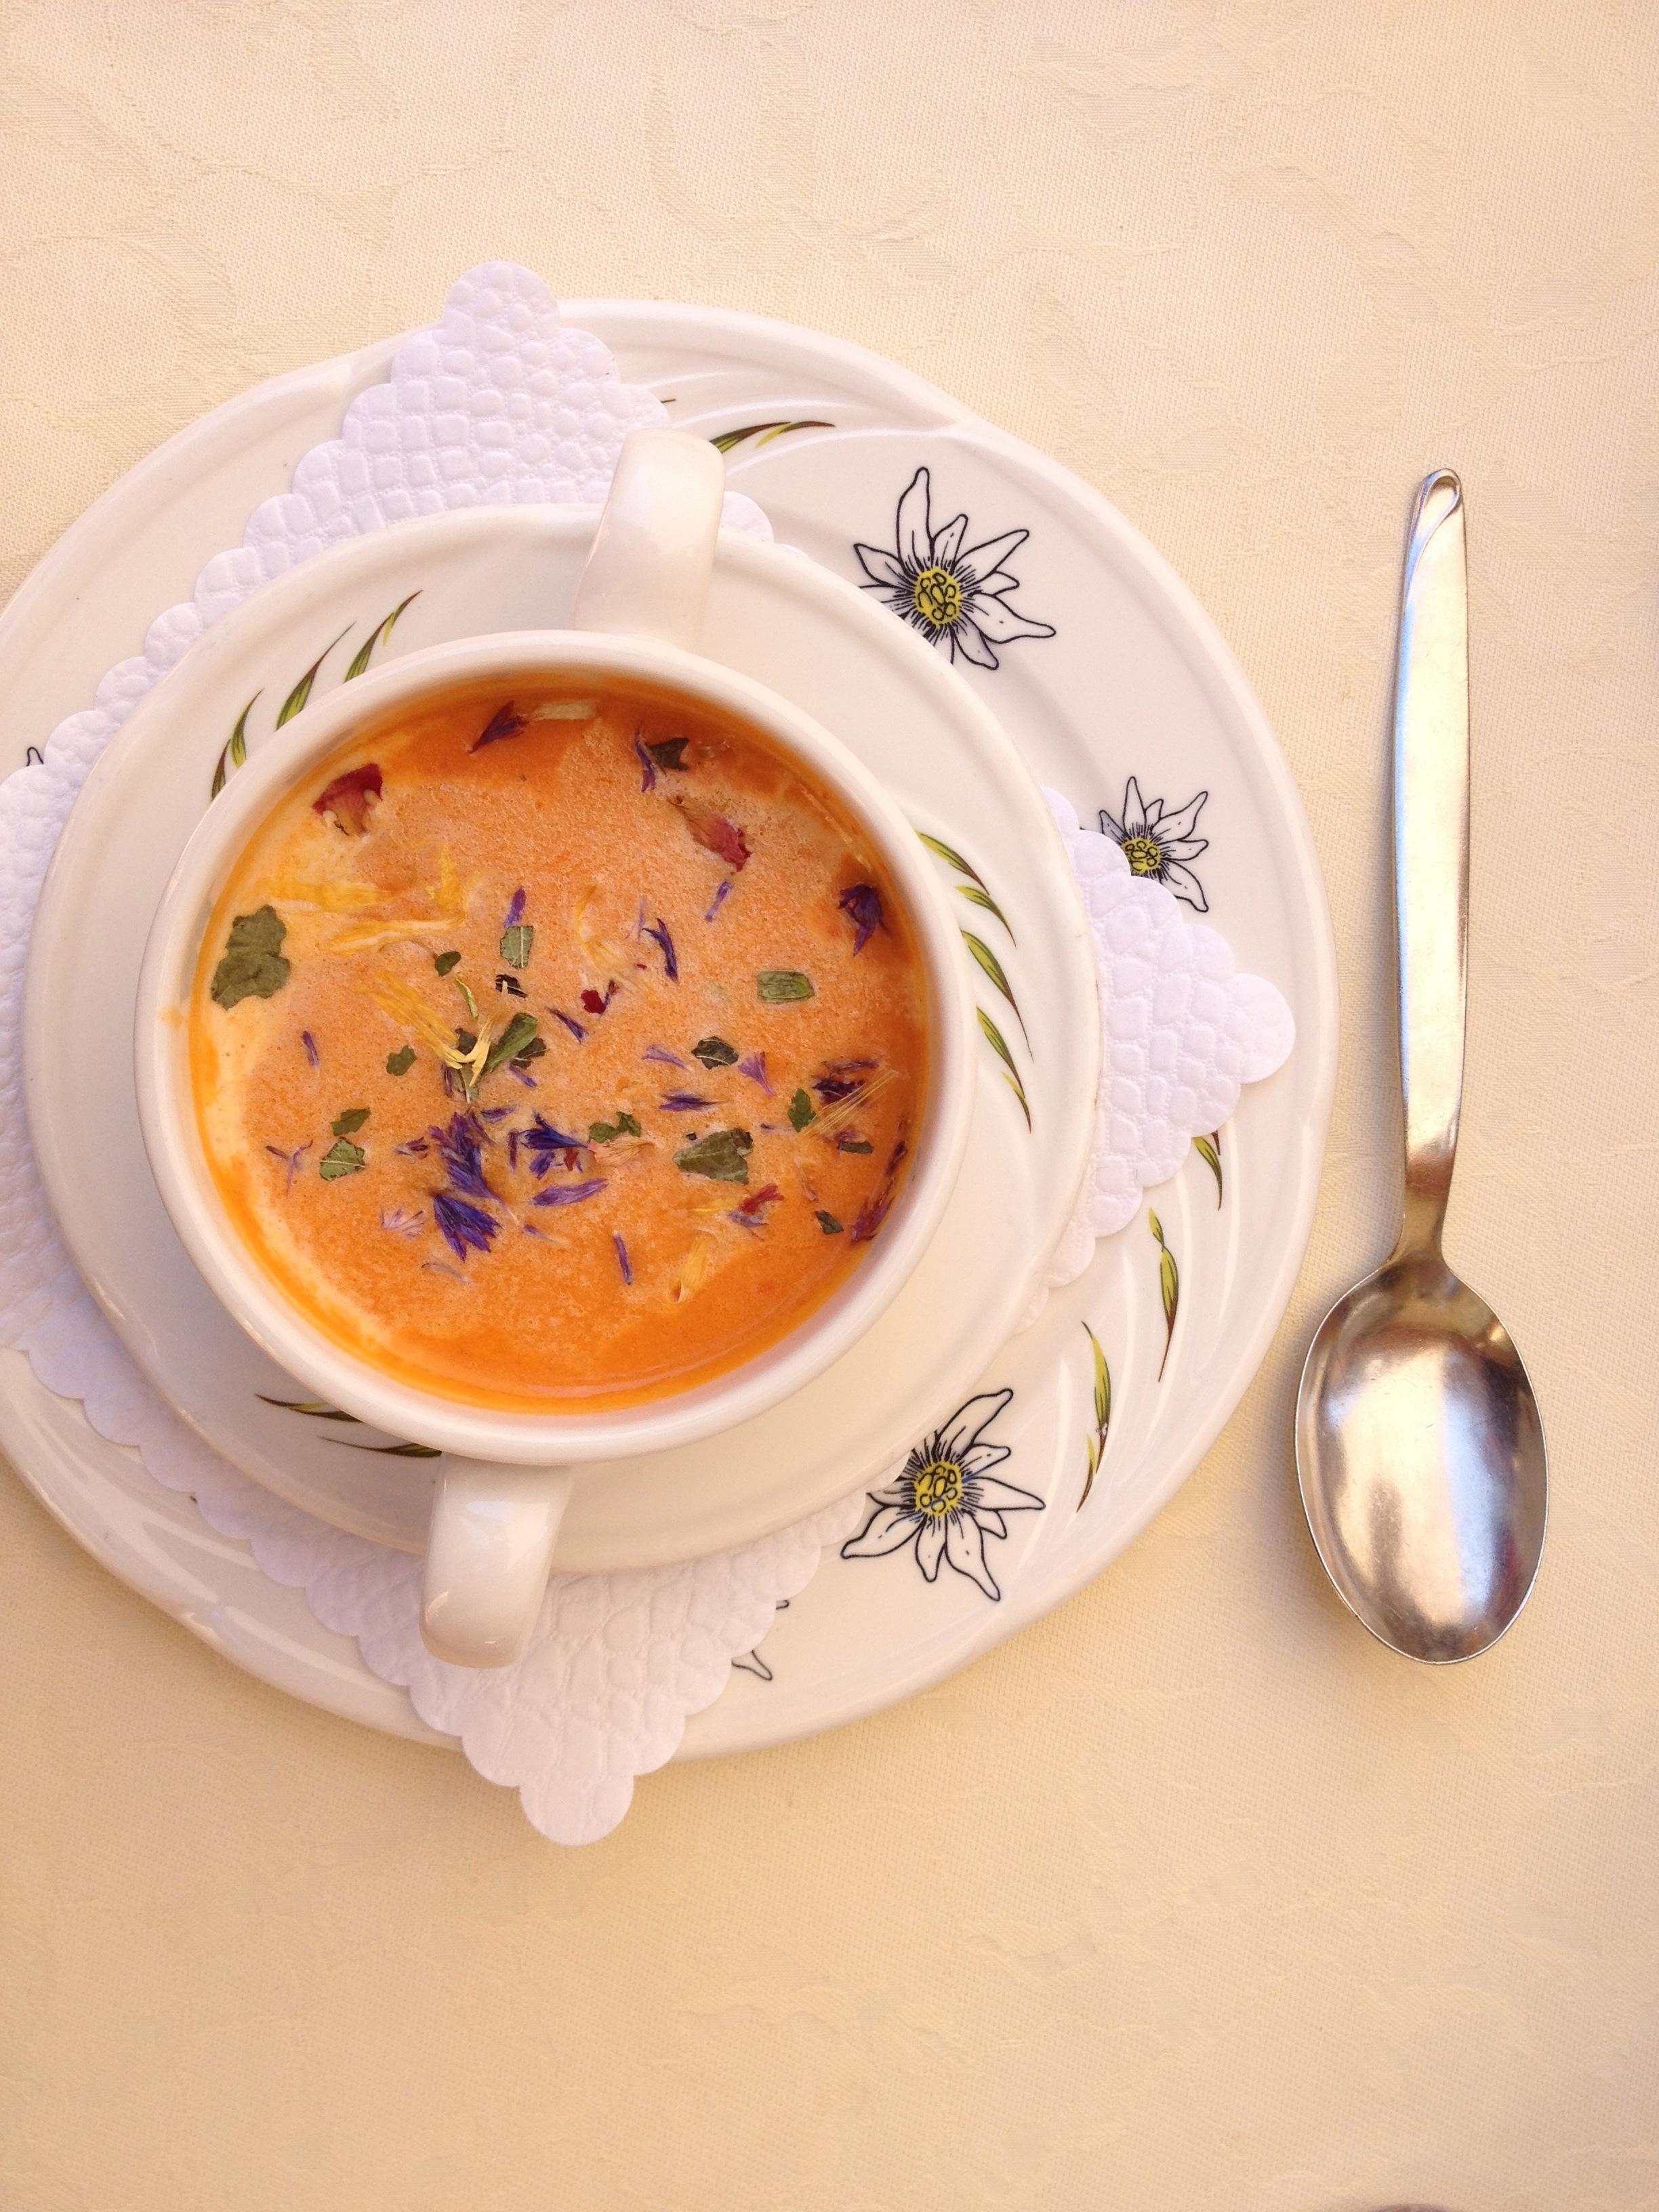 zuppa di fiori @oltreilbalcone